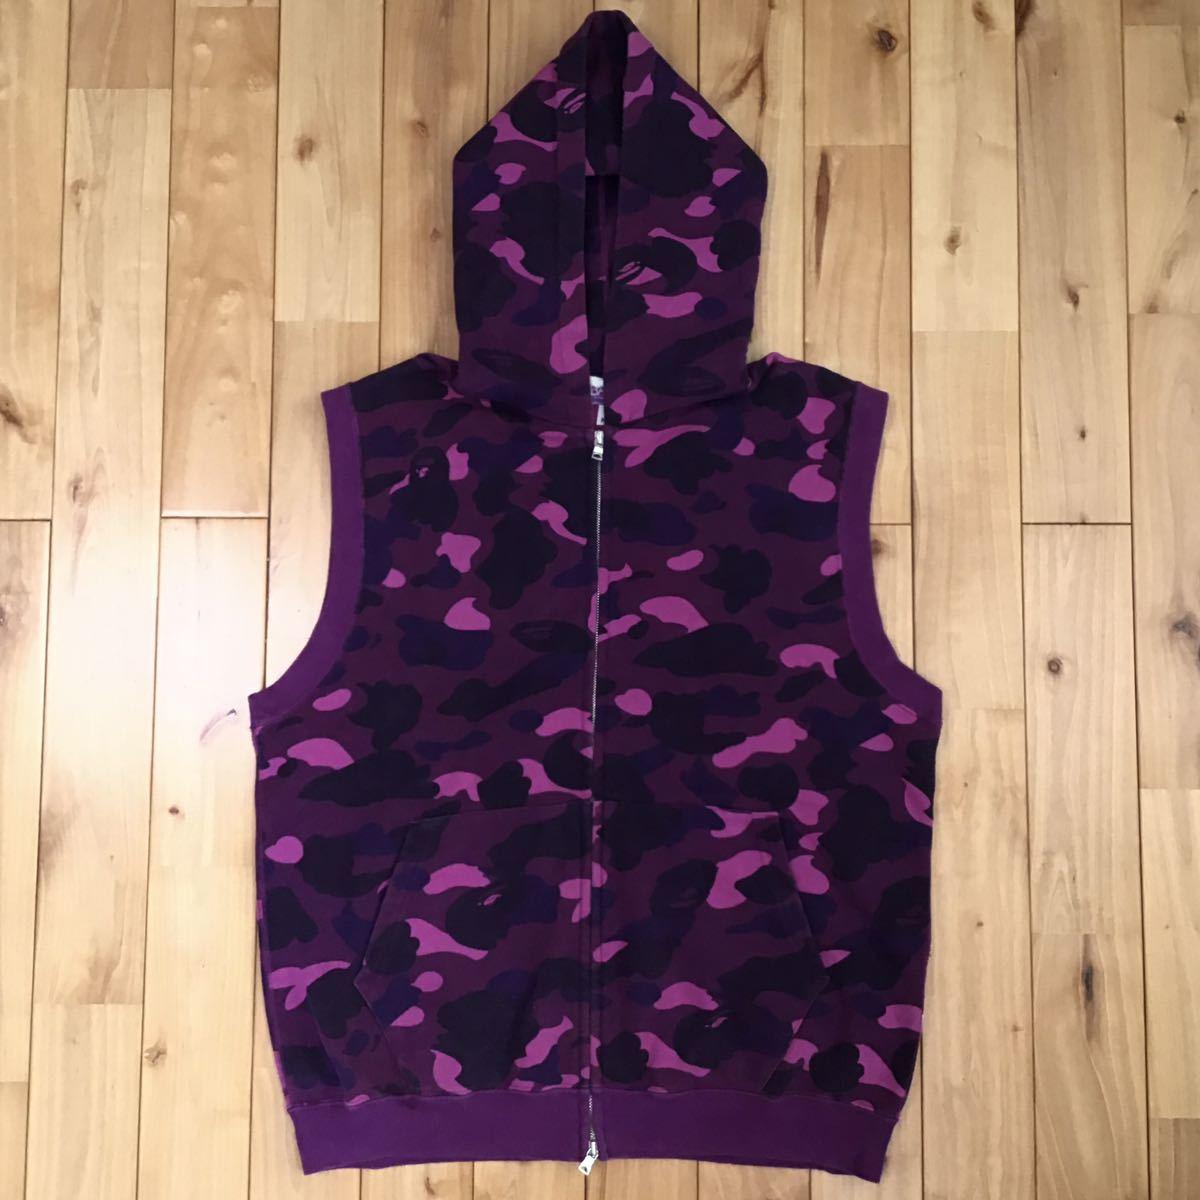 purple camo スウェット フード ベスト Mサイズ a bathing ape bape hoodie vest エイプ ベイプ アベイシングエイプ パーカー 迷彩 1244